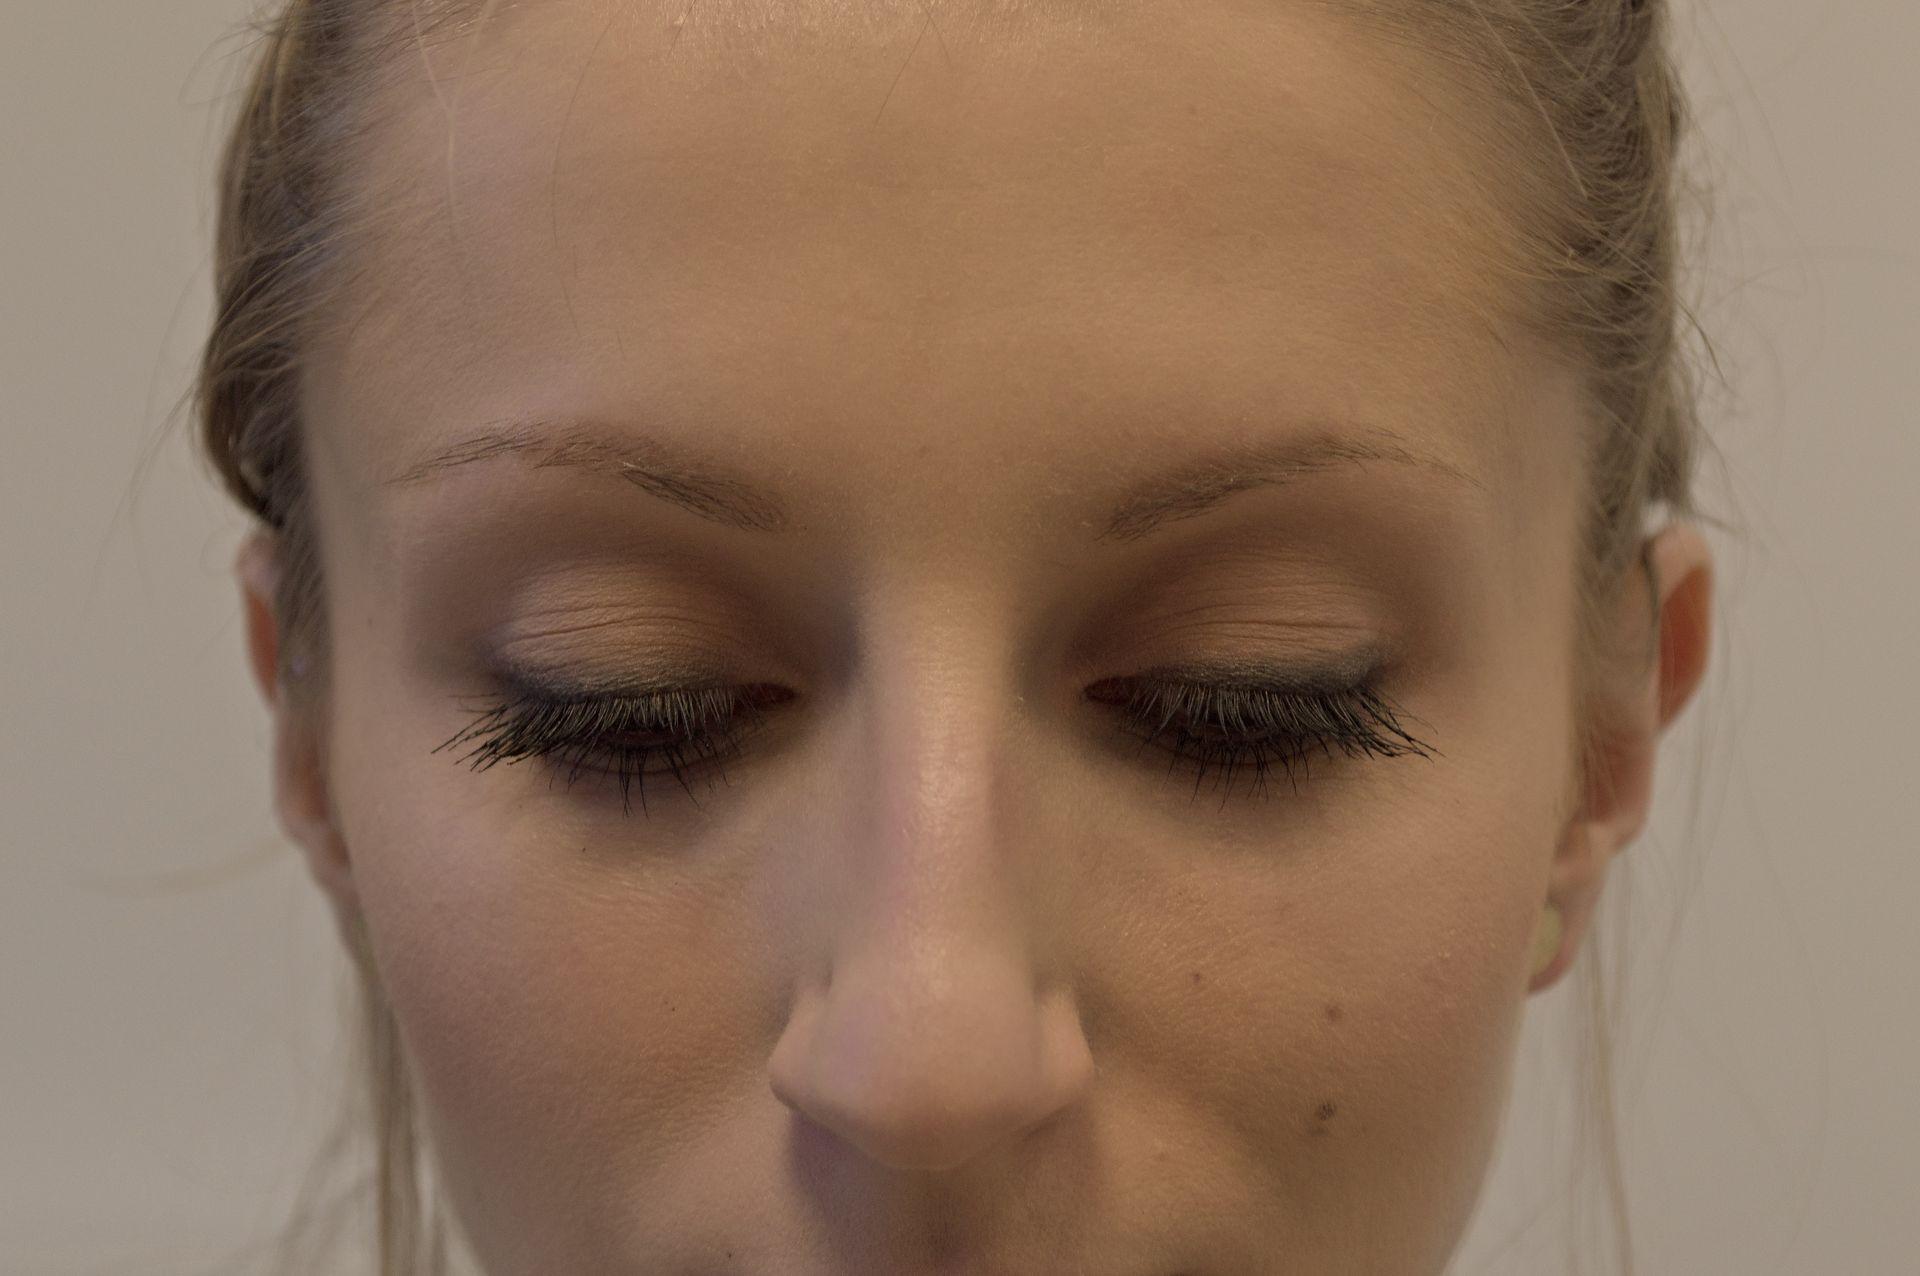 Makijaż wykonany kredką, tuszem i żelem do brwi Jusee